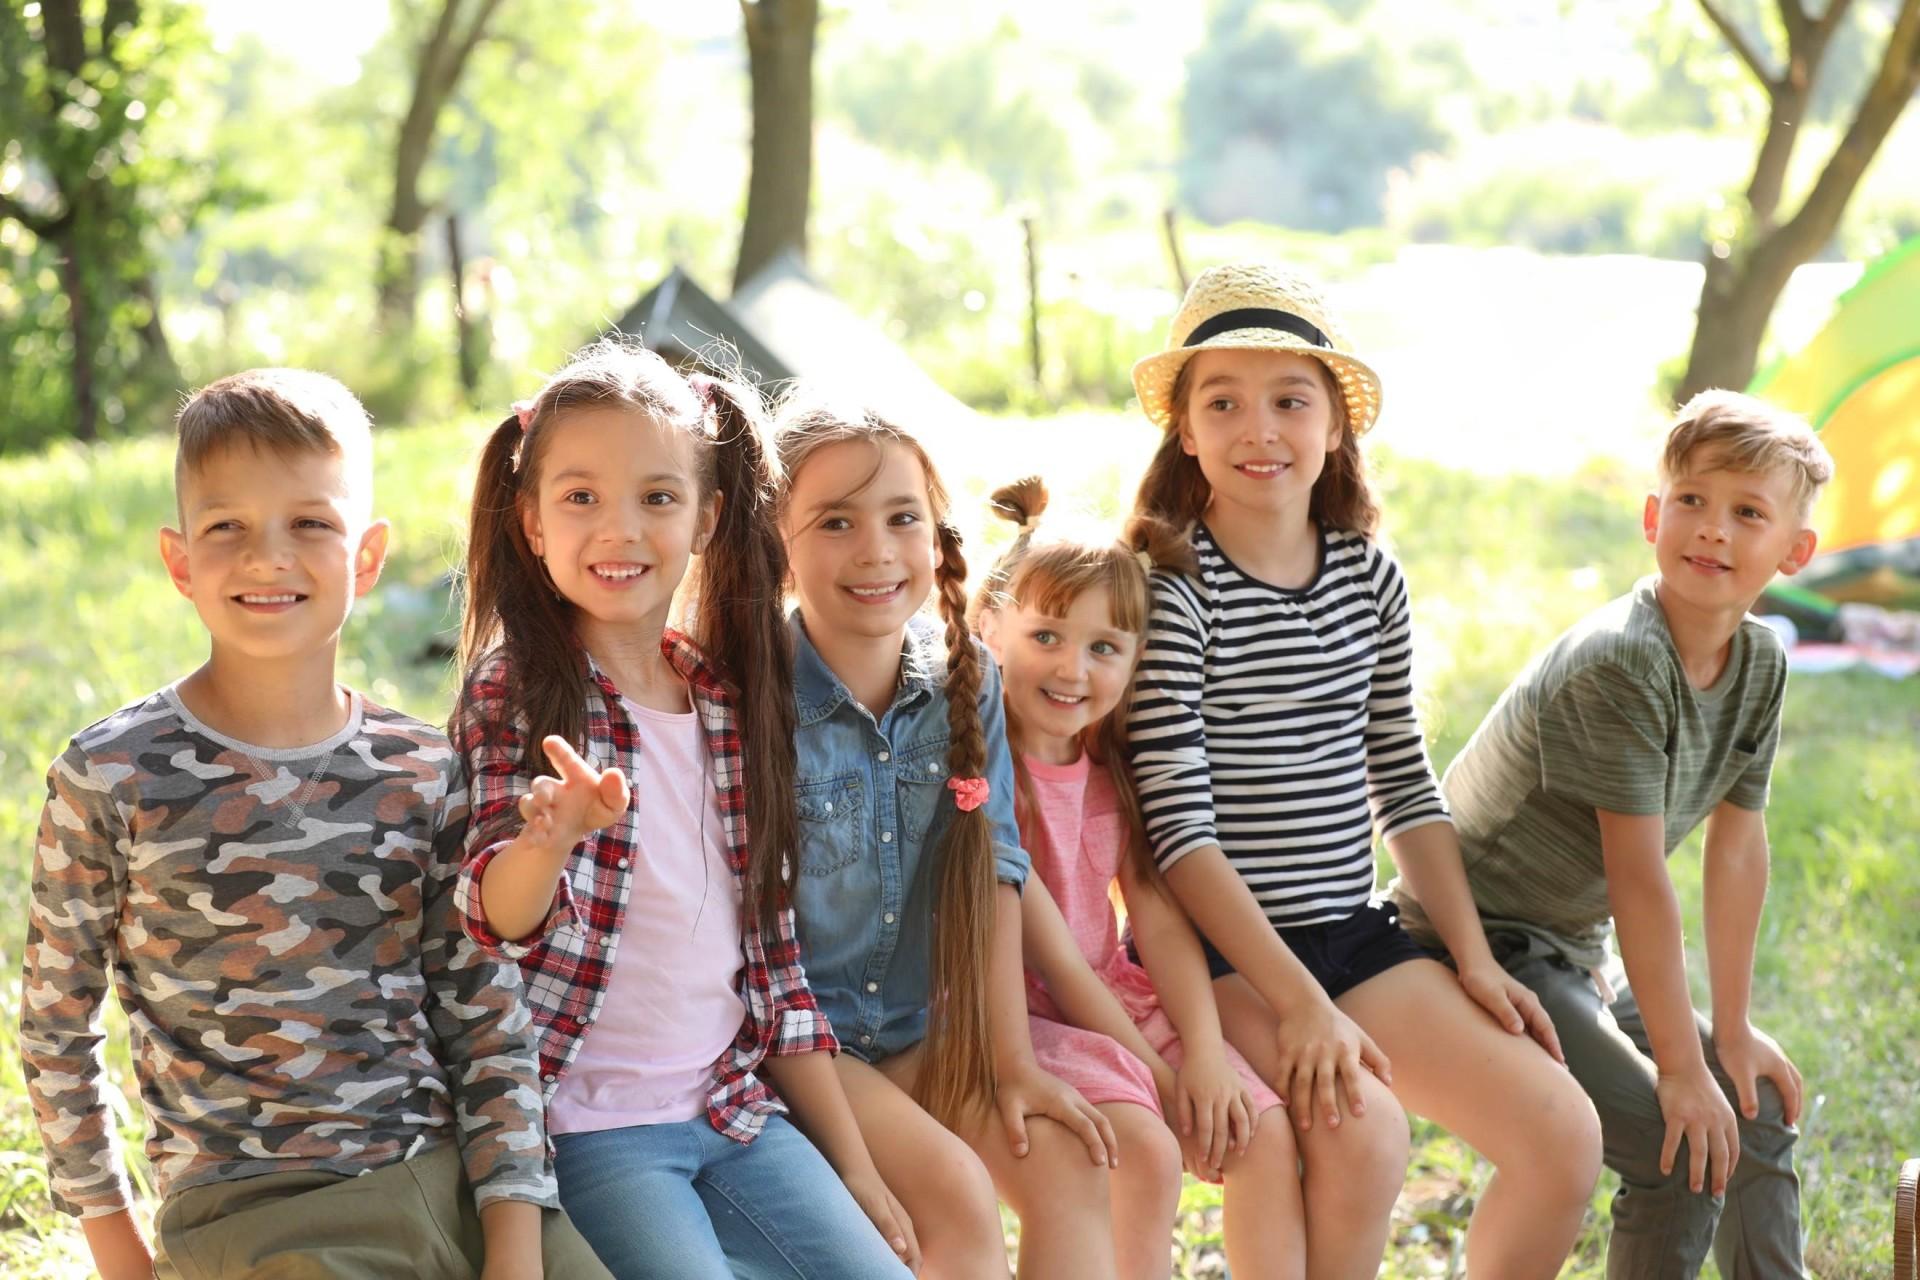 Вибираємо дитячий табір: куди відправити дітей на відпочинок